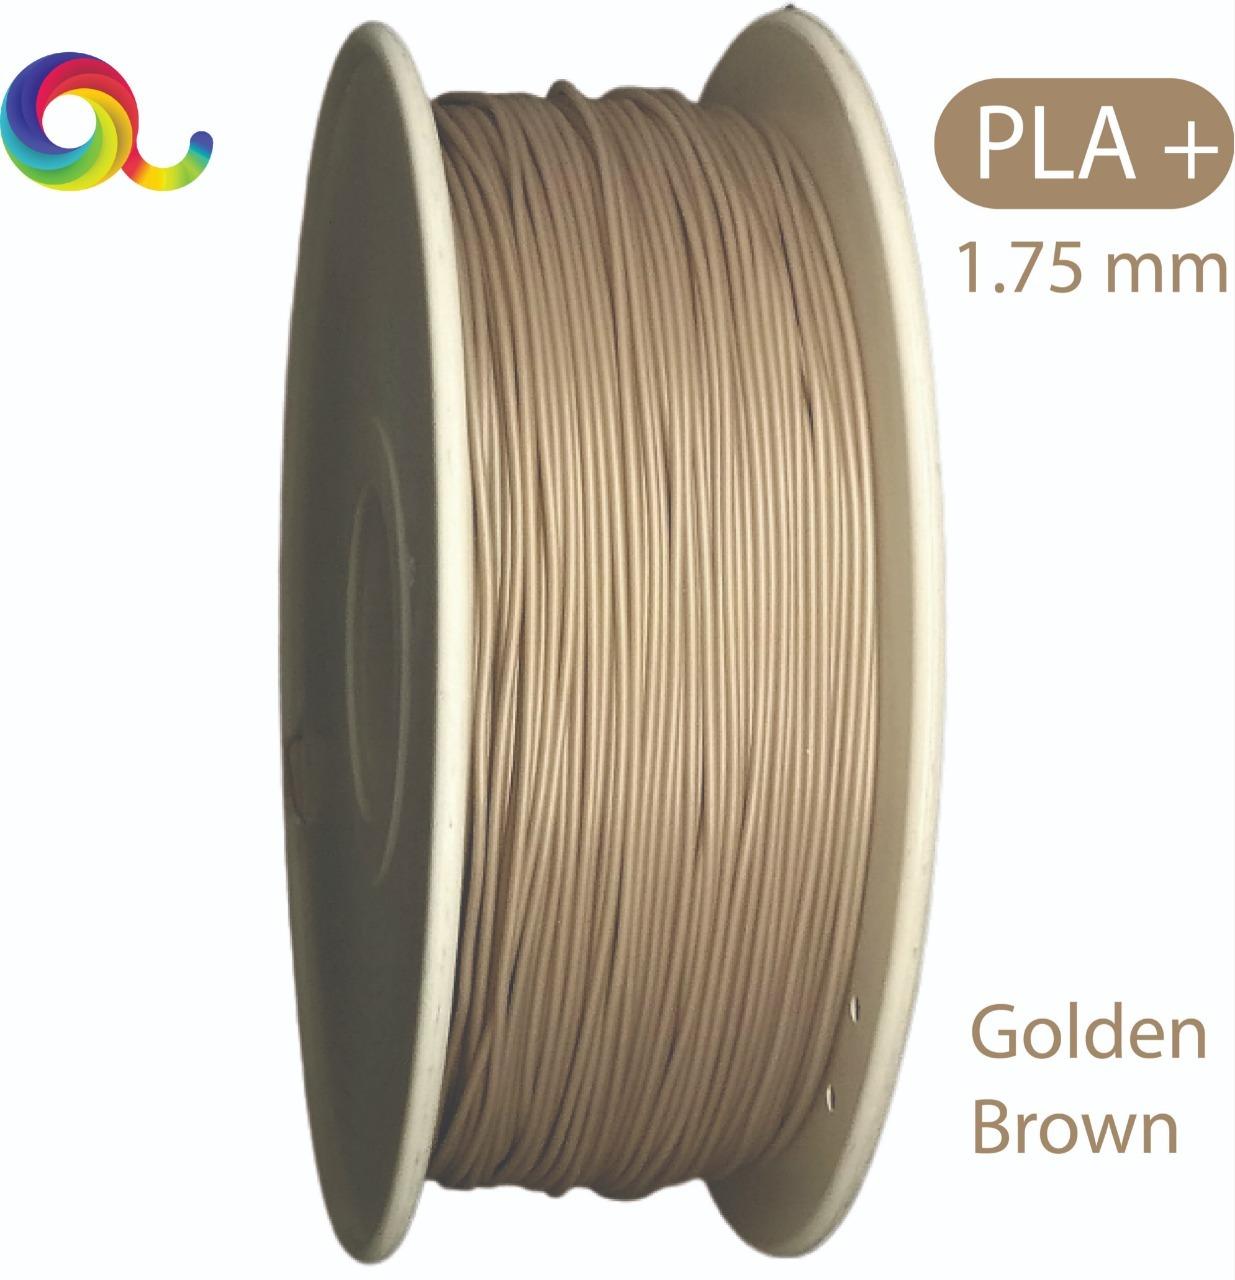 PLA+ 3D Printing Filaments